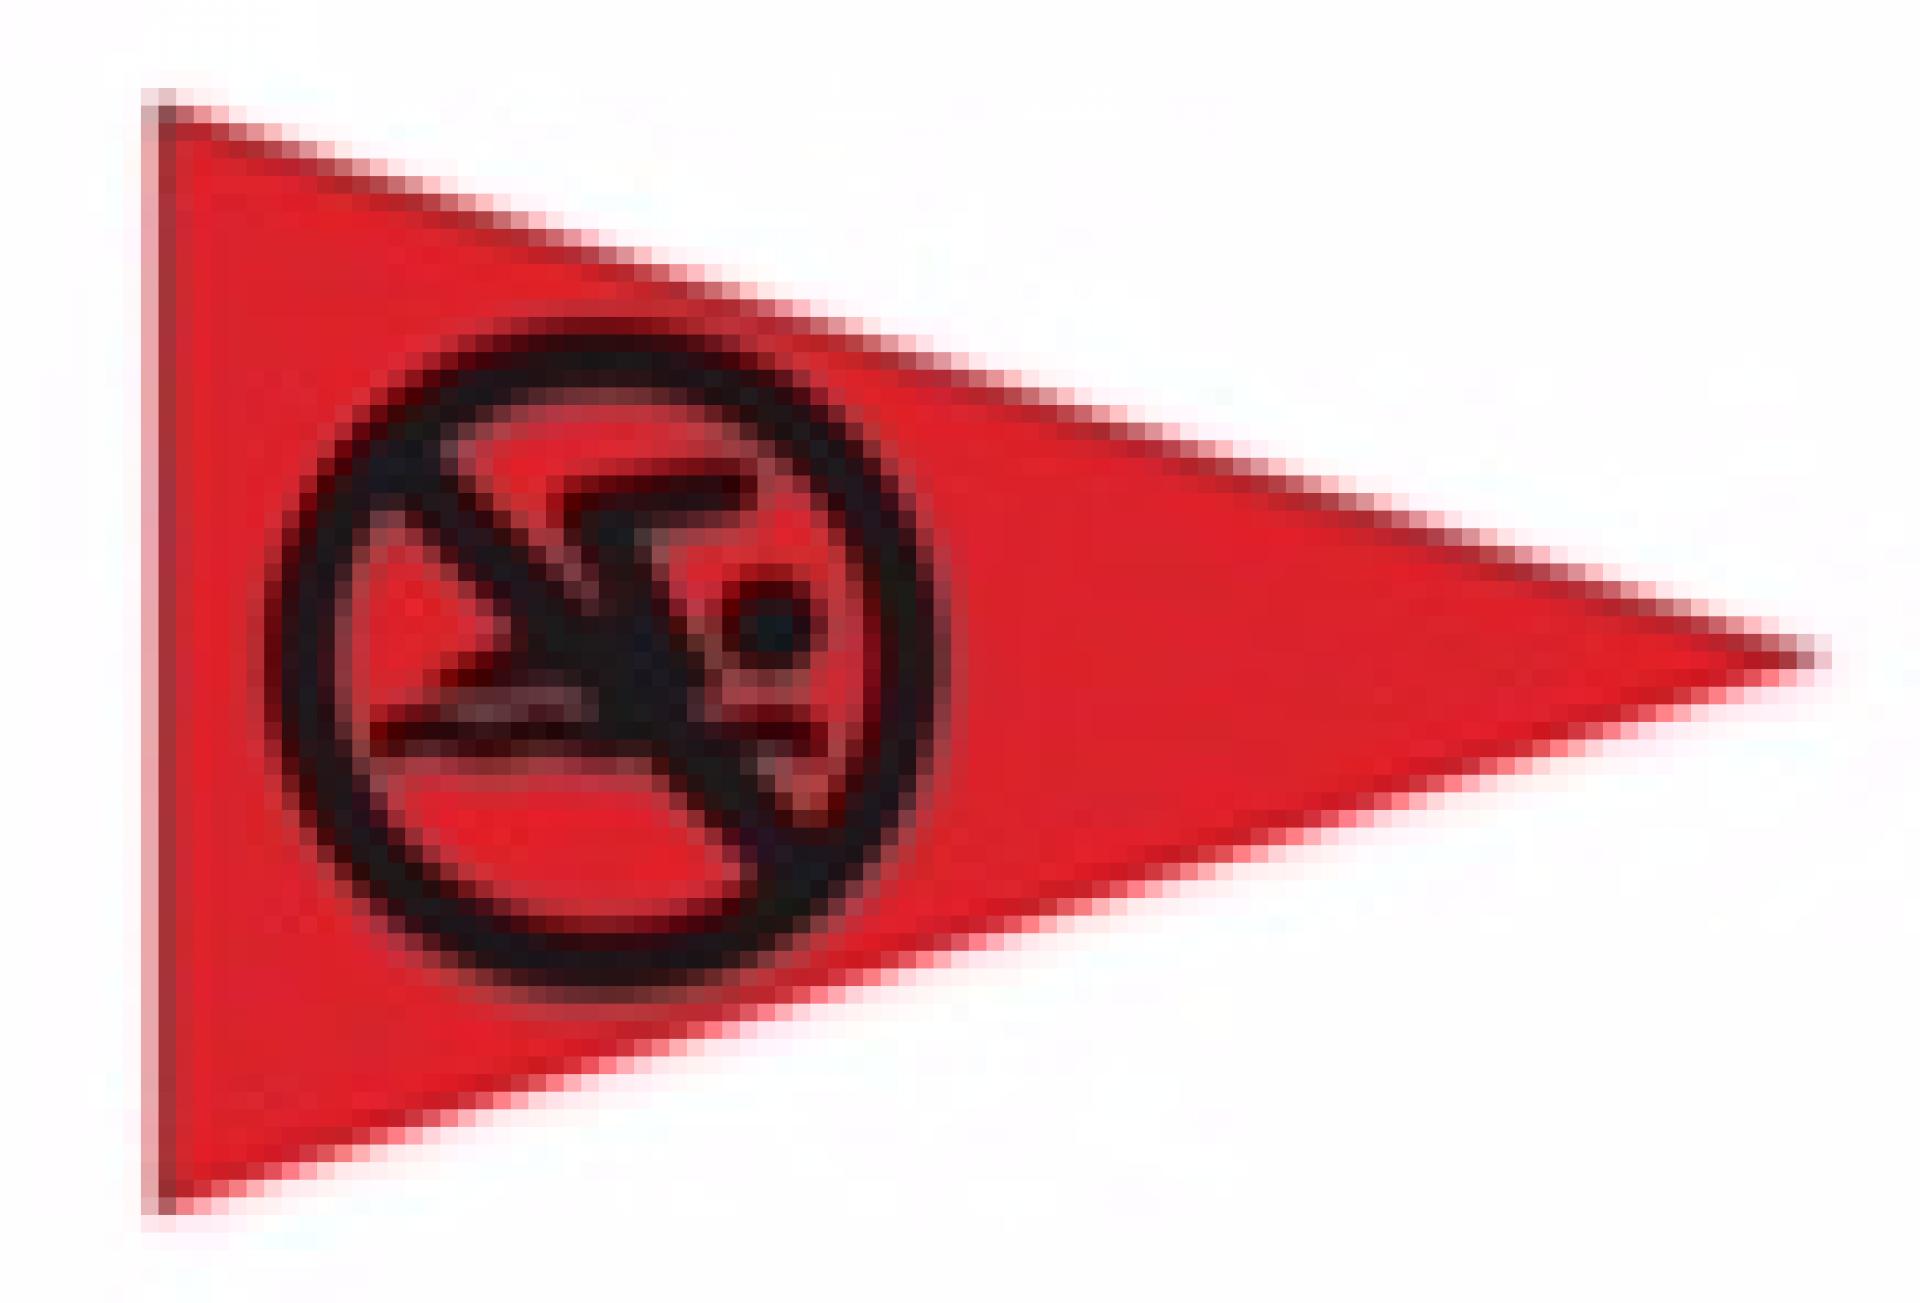 2017 10 09 10 58 14 Signaletique Sur Les Zones D Activites Nautiques Internet Info Requin Be1fb